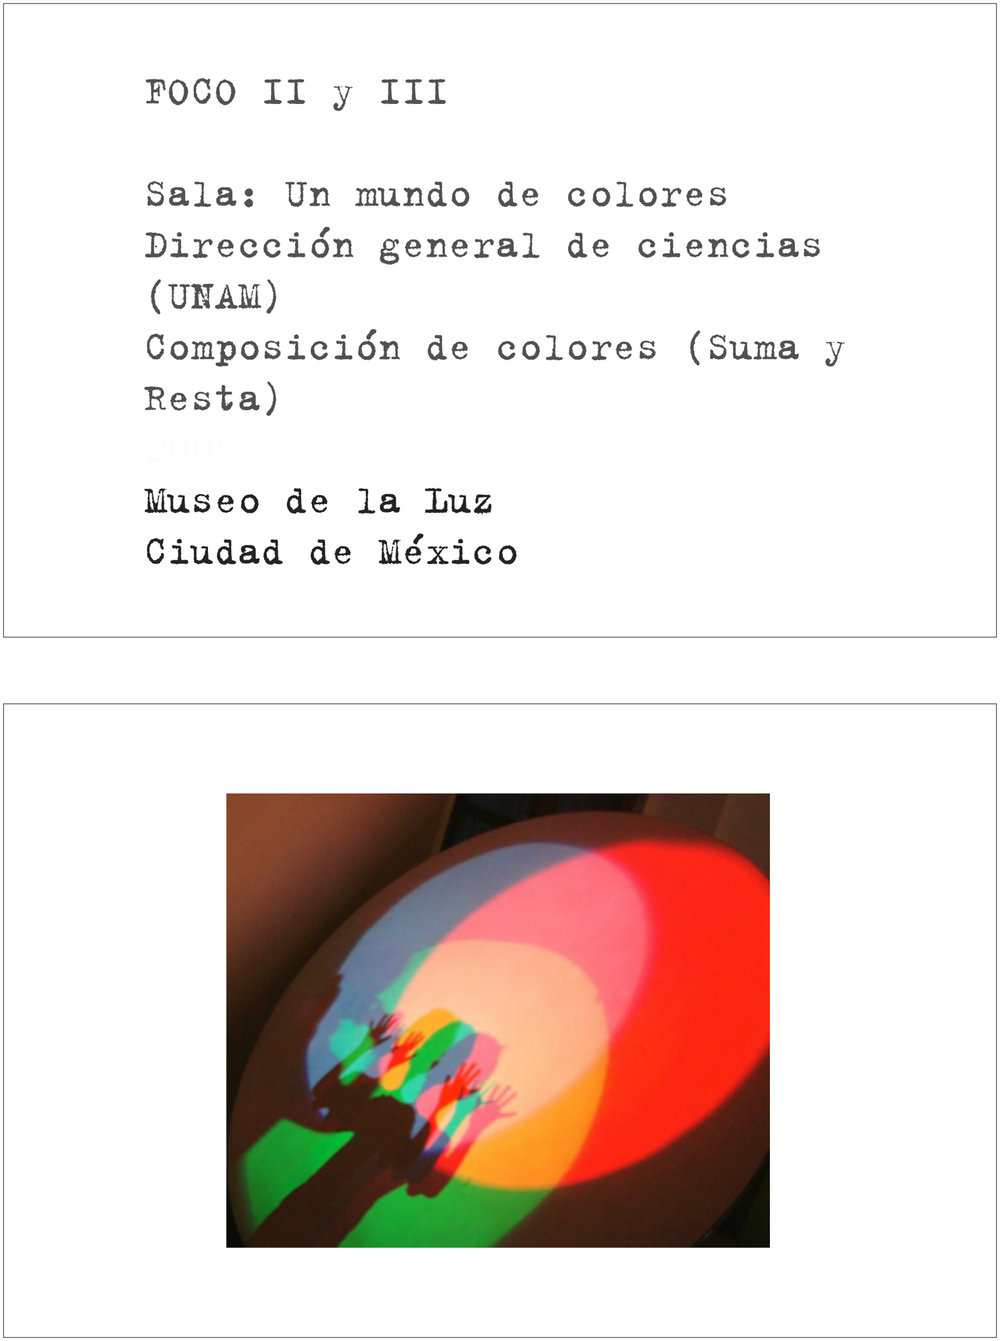 Museo de la luz 2.jpg